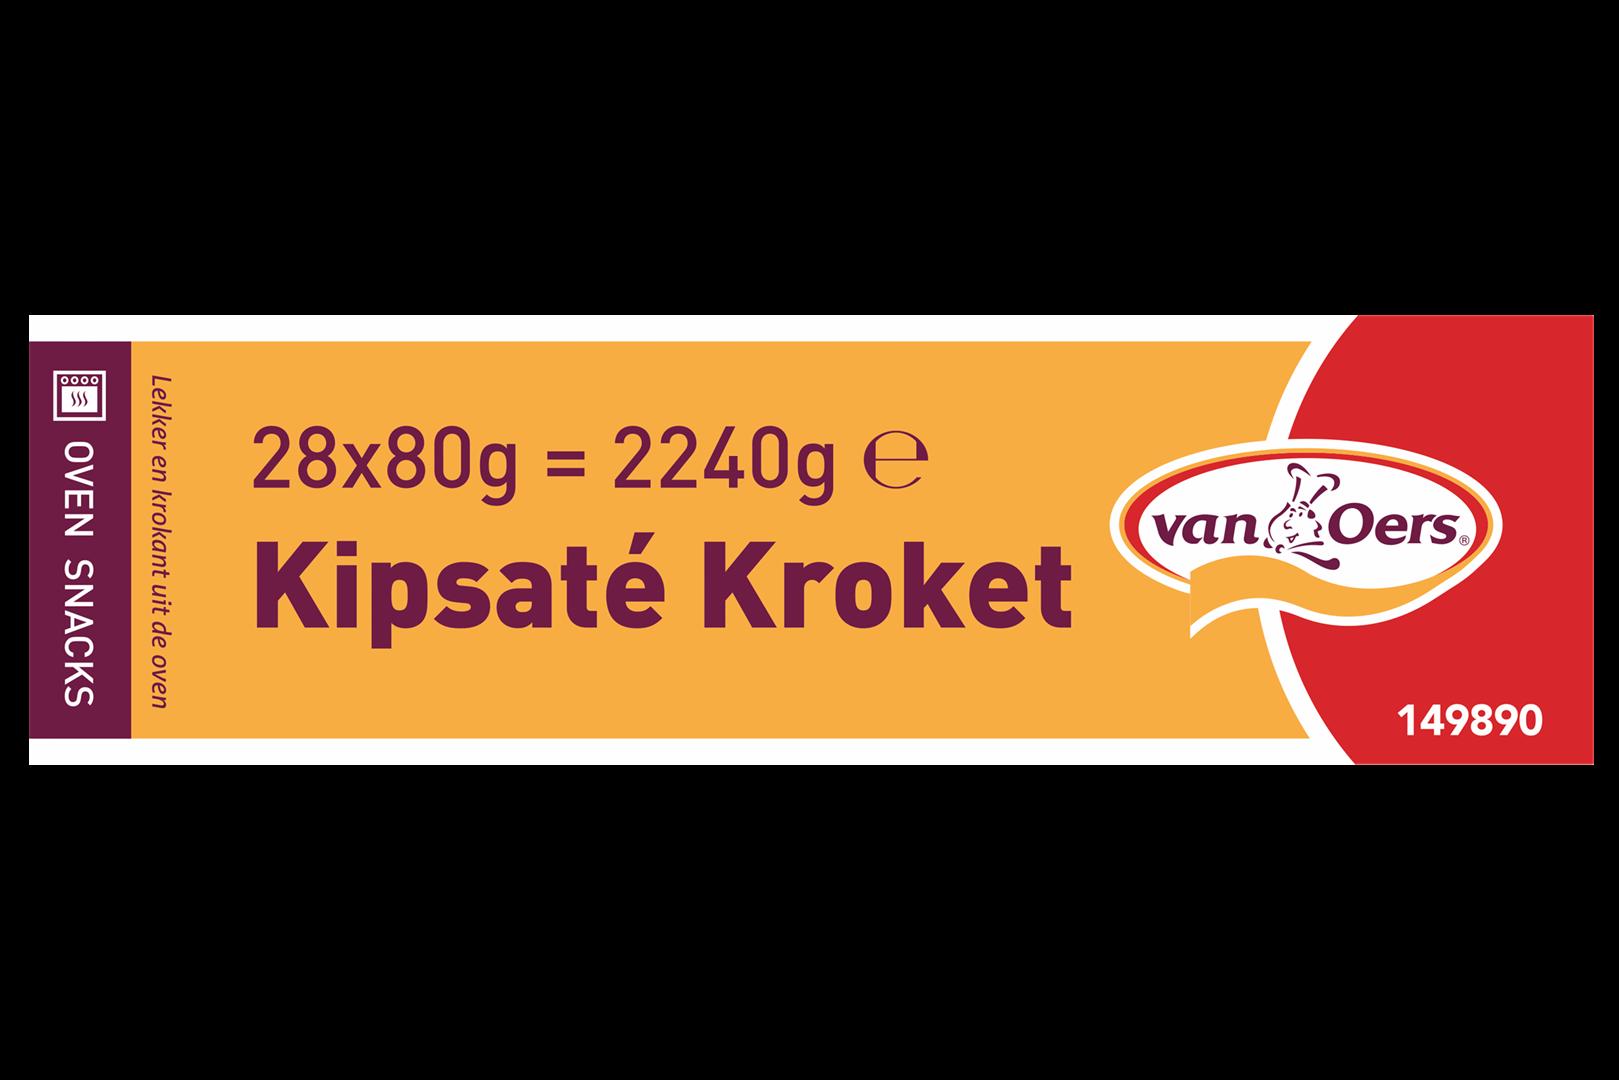 Productafbeelding VAN OERS KROKET KIPSATÉ OVEN GRILL doos